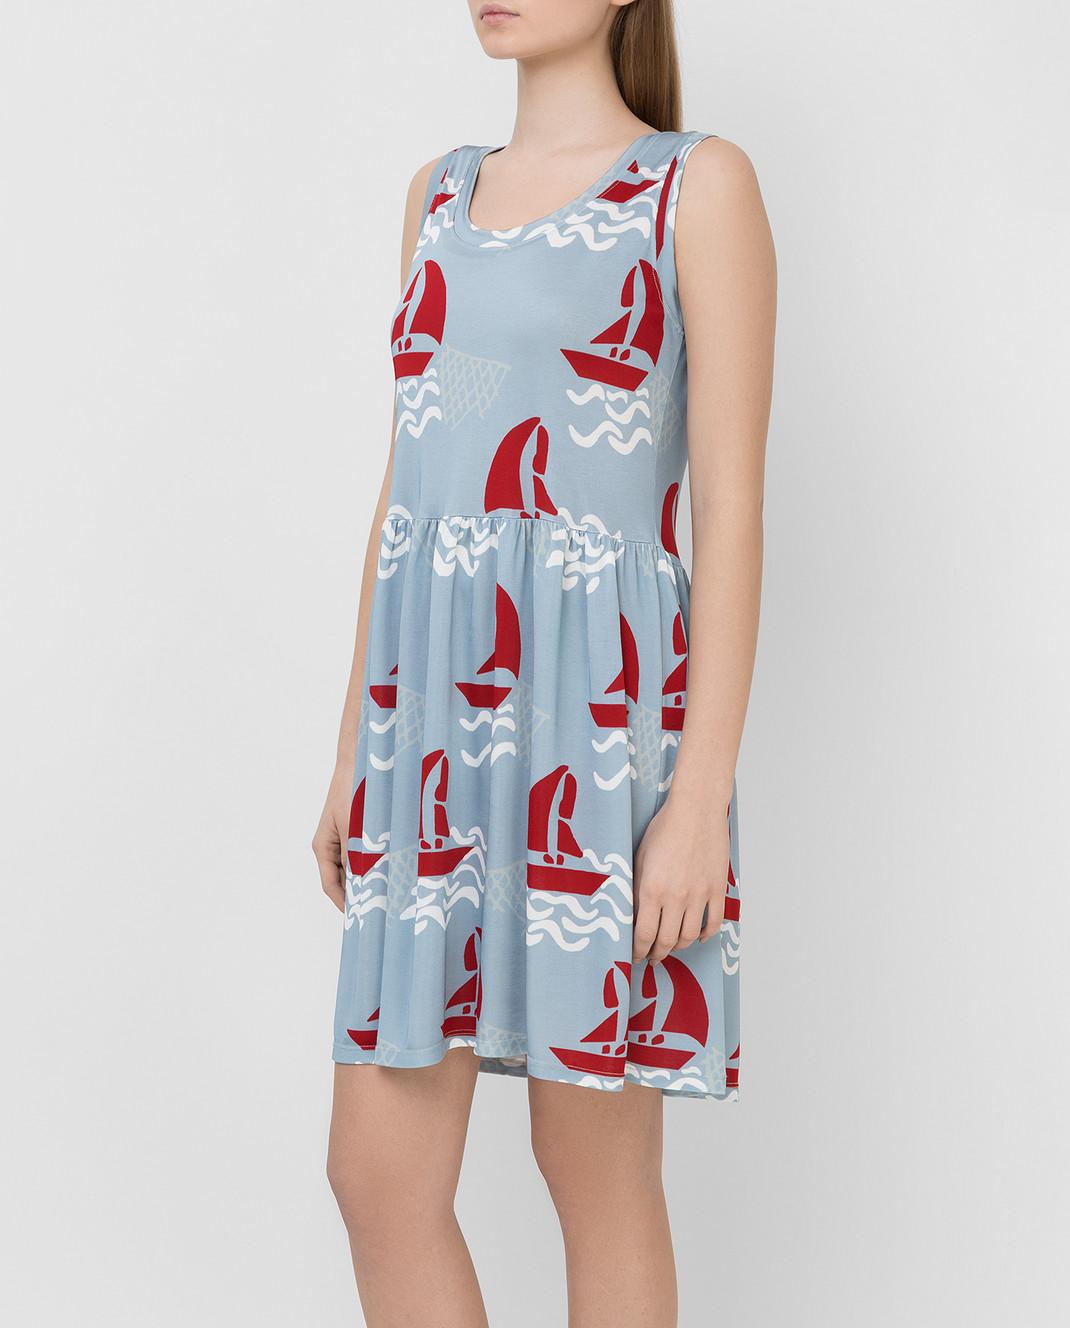 Tak.Ori Голубое платье DR010 изображение 3